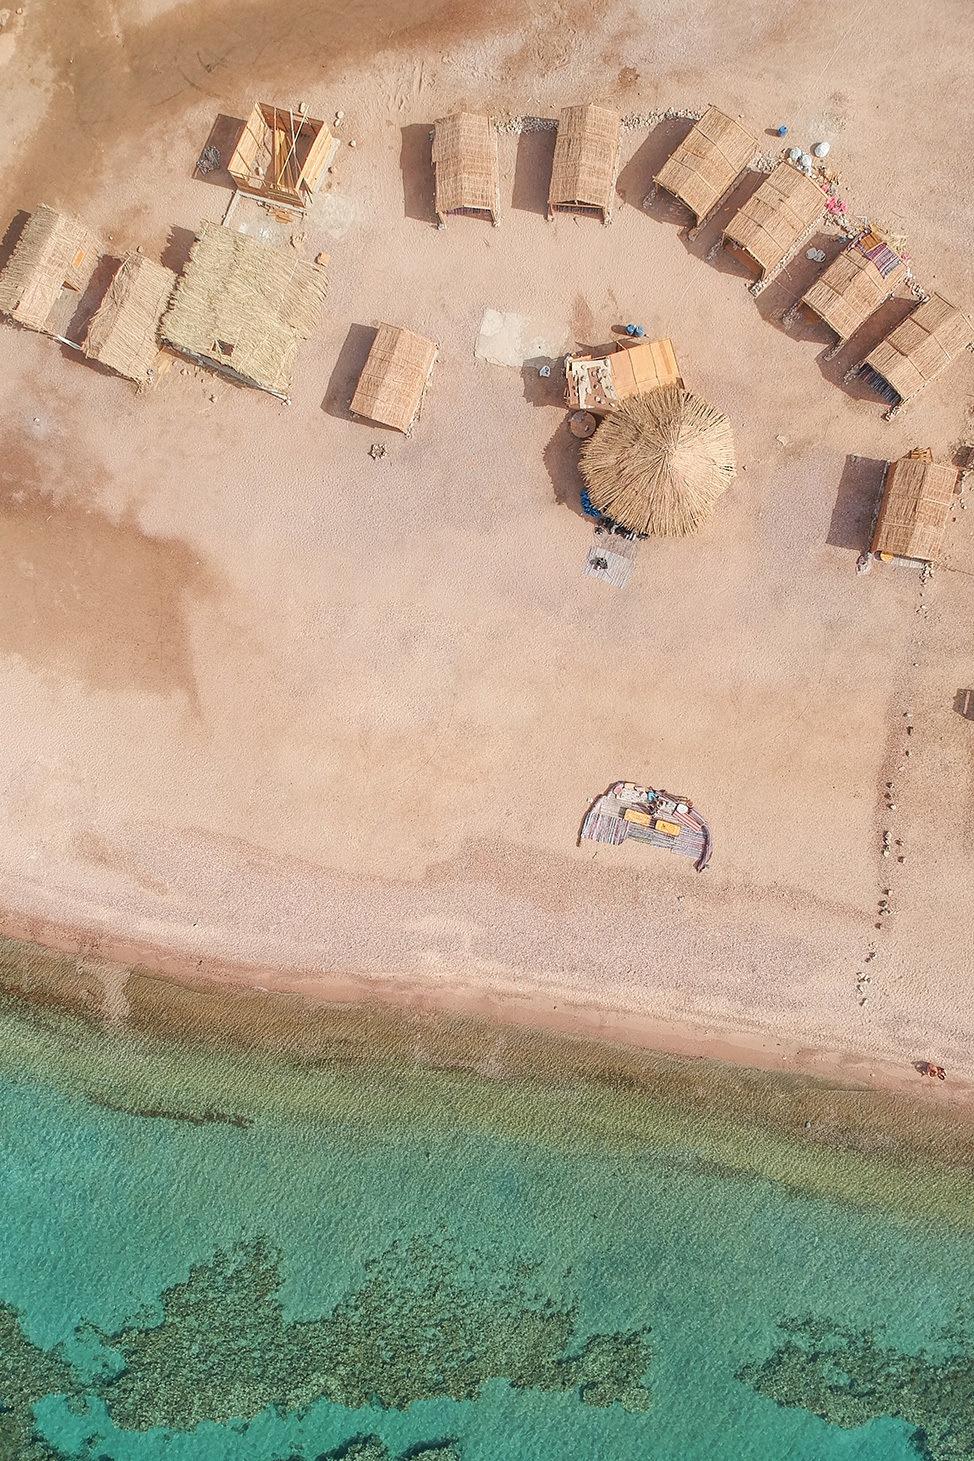 Drone Aerial View of Ras Abu Galum, Sinai, Egypt